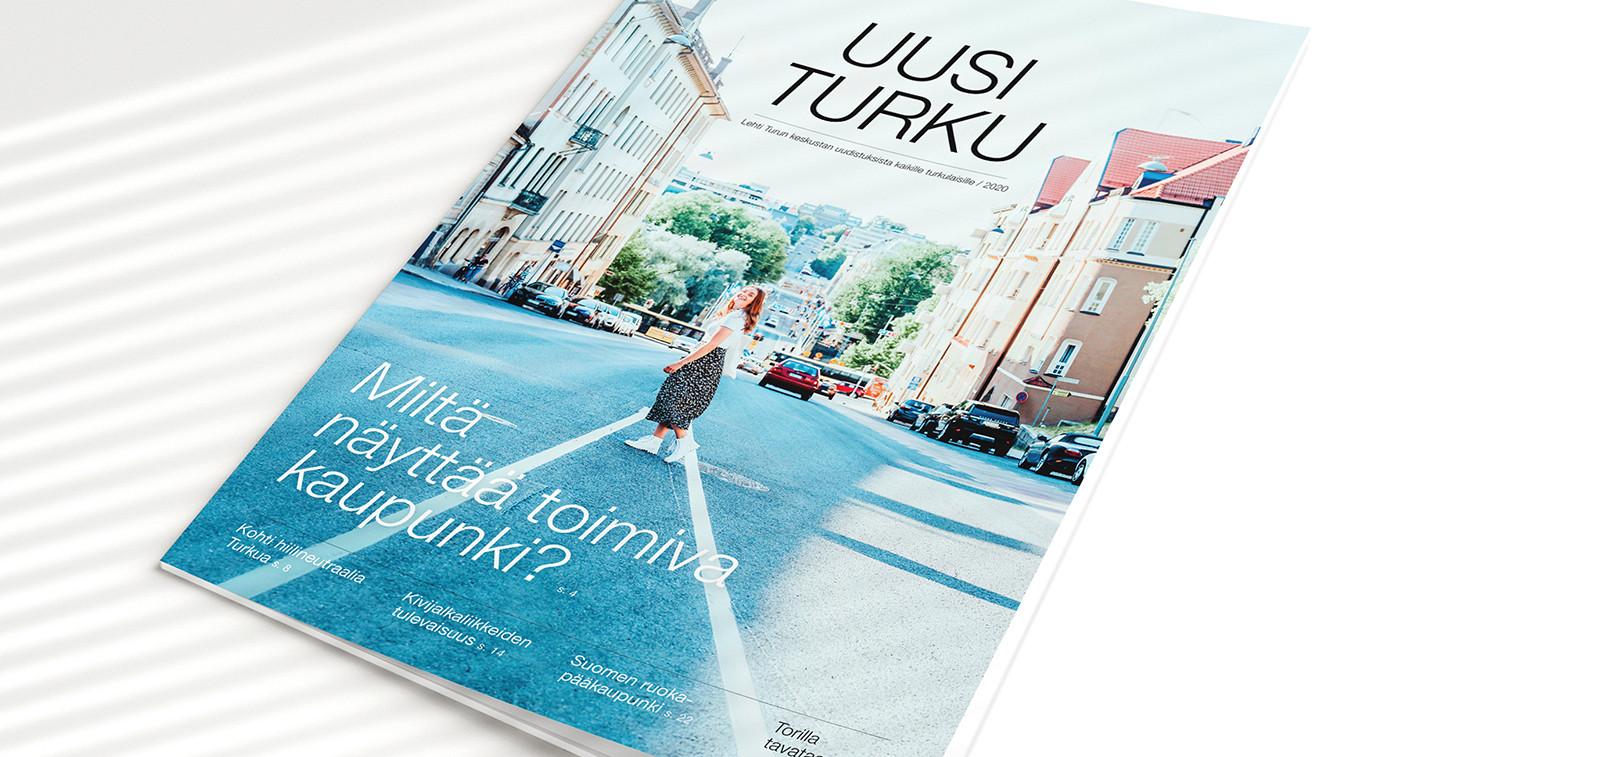 Uusi Turku -lehden kansi.